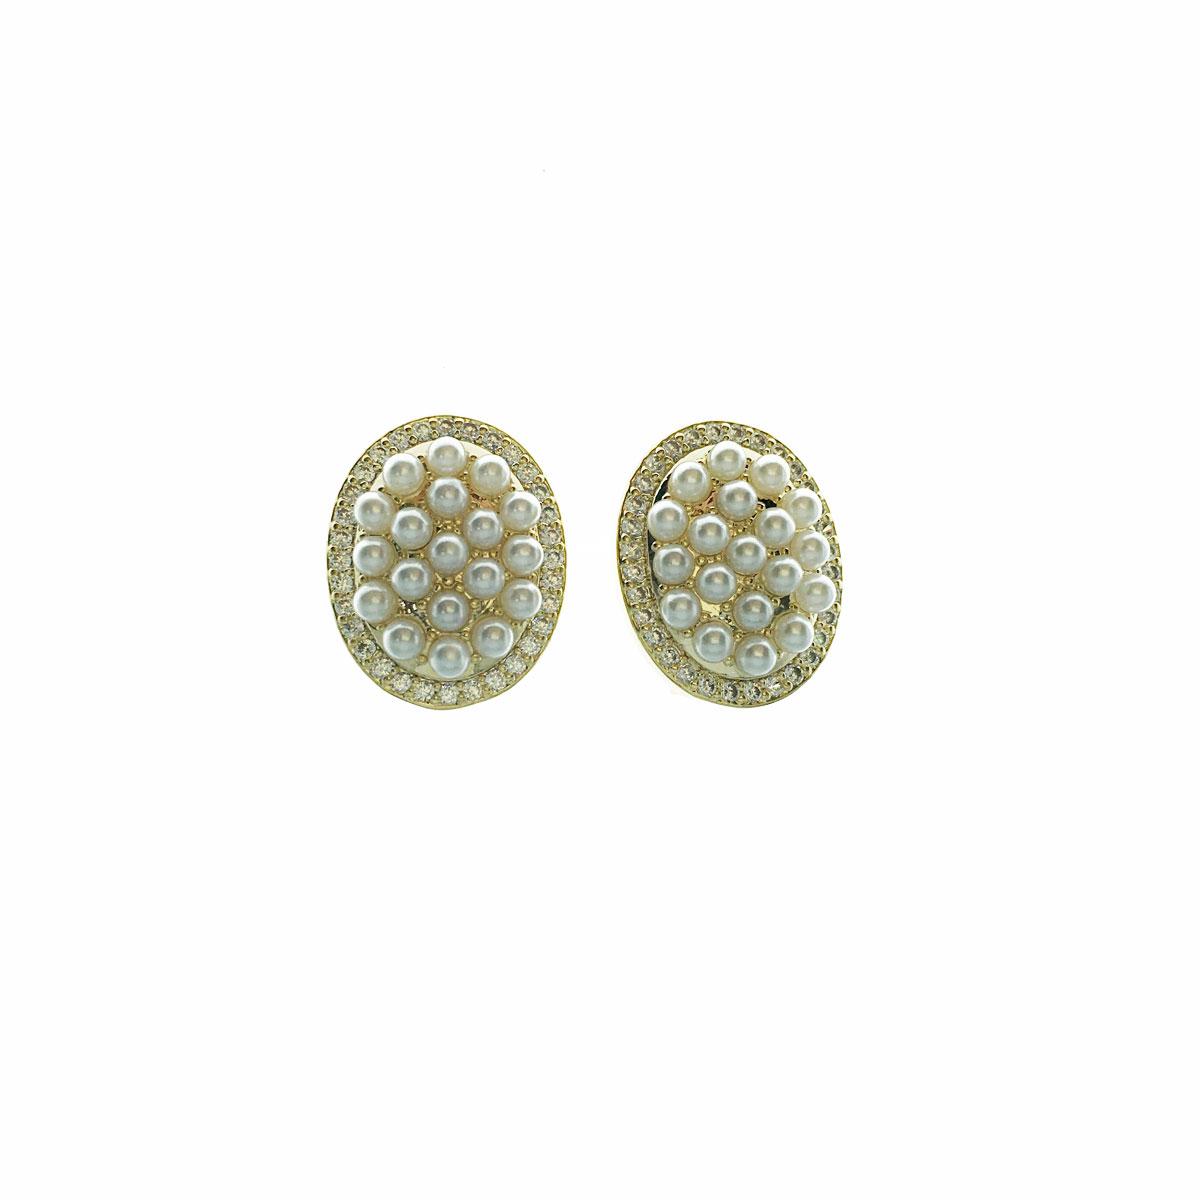 韓國 925純銀 水鑽 珍珠 圓 簡約風 耳針式 耳環